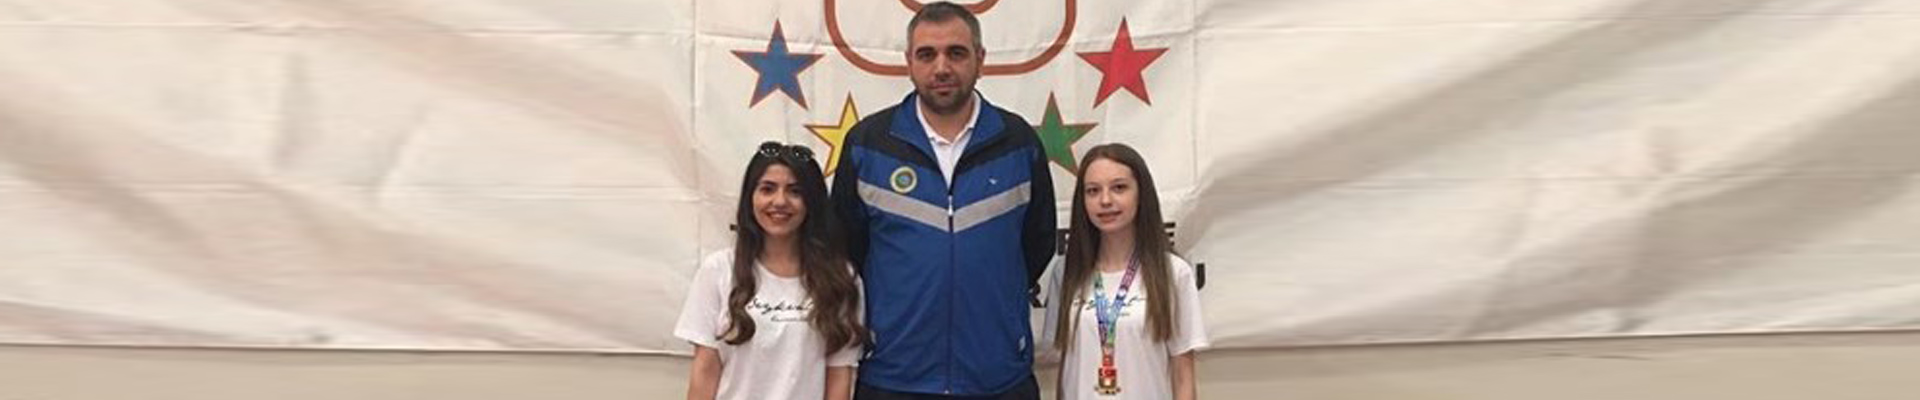 Öğrencimiz-Gizem-Kahya-Satrançta-Türkiye-Şampiyonu-Oldu-1920x400